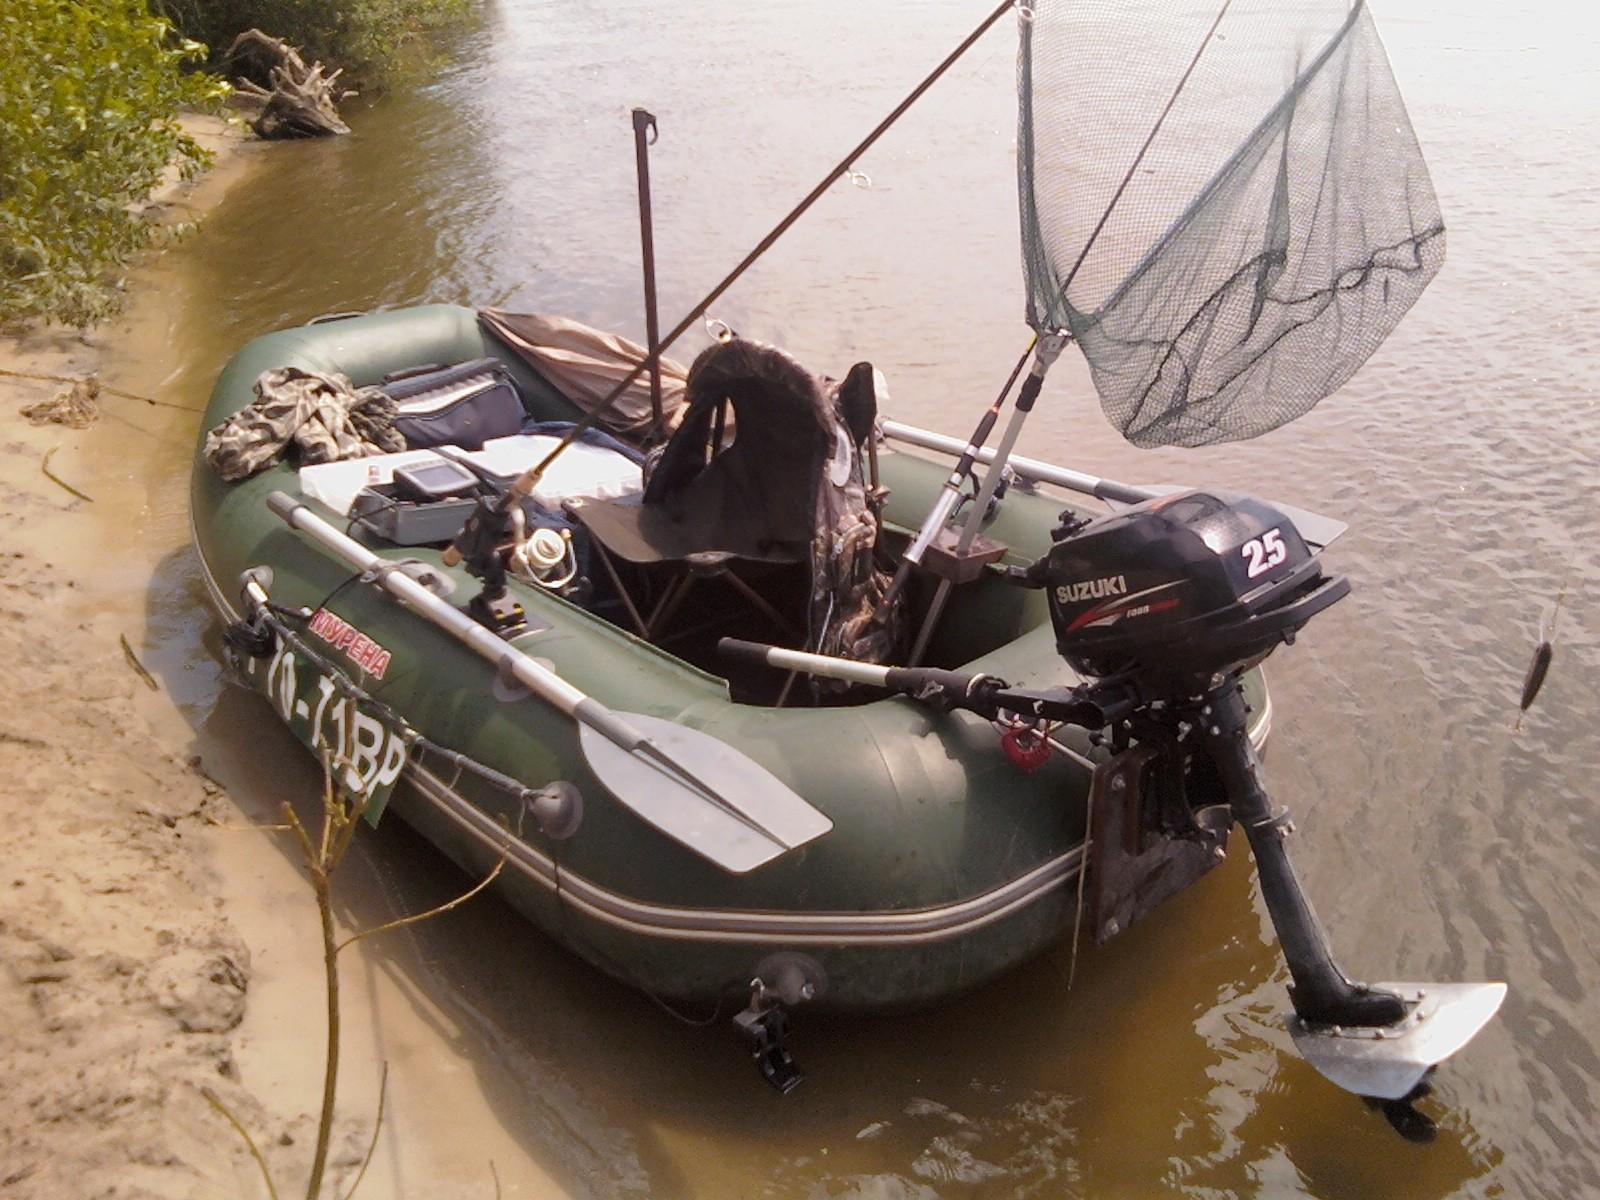 Лодочный мотор сузуки дт 8 и лодка пвх